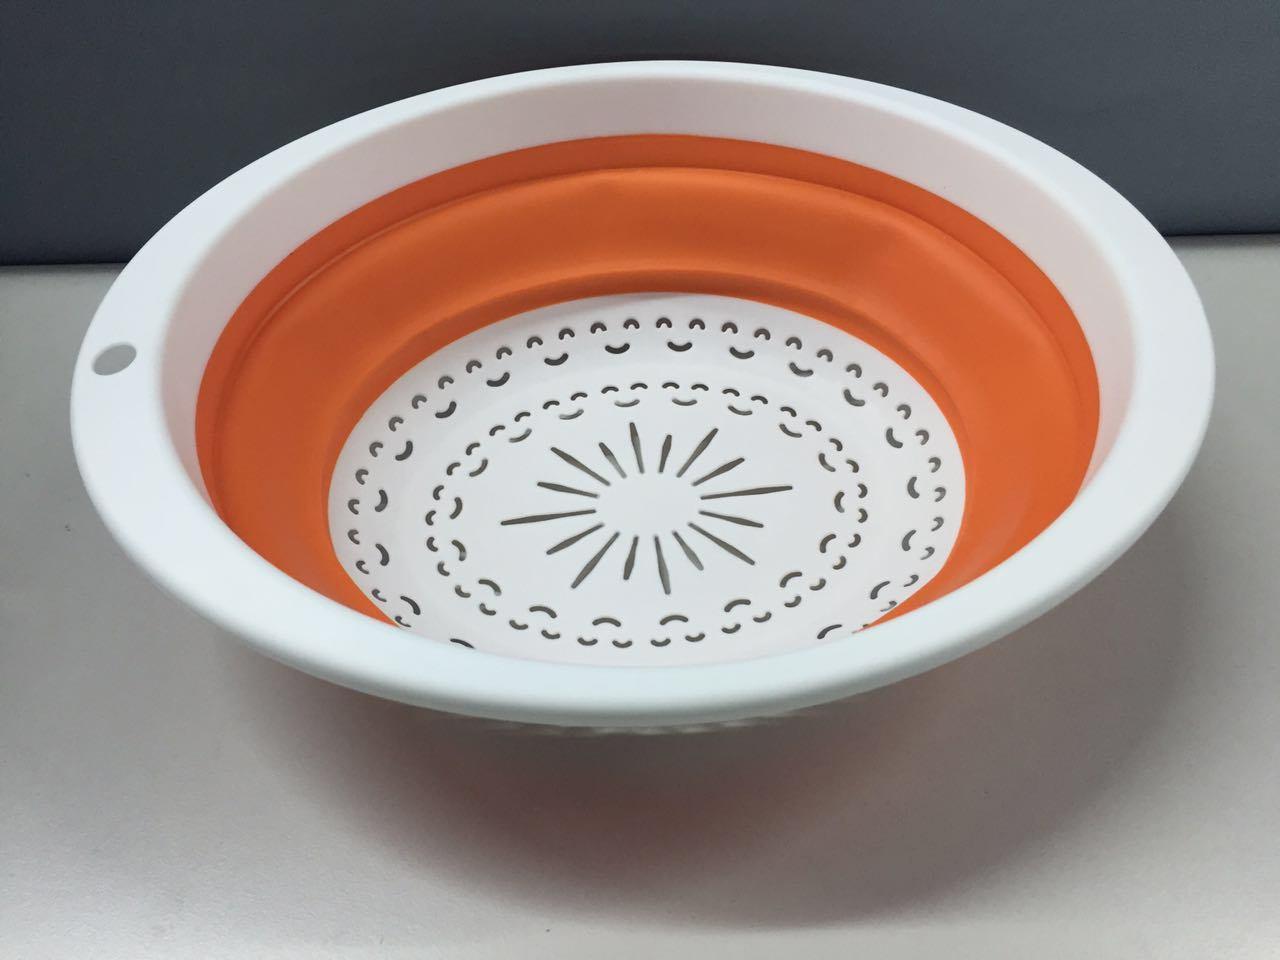 Folding Plate, Washing Plate, Kitchen Tool